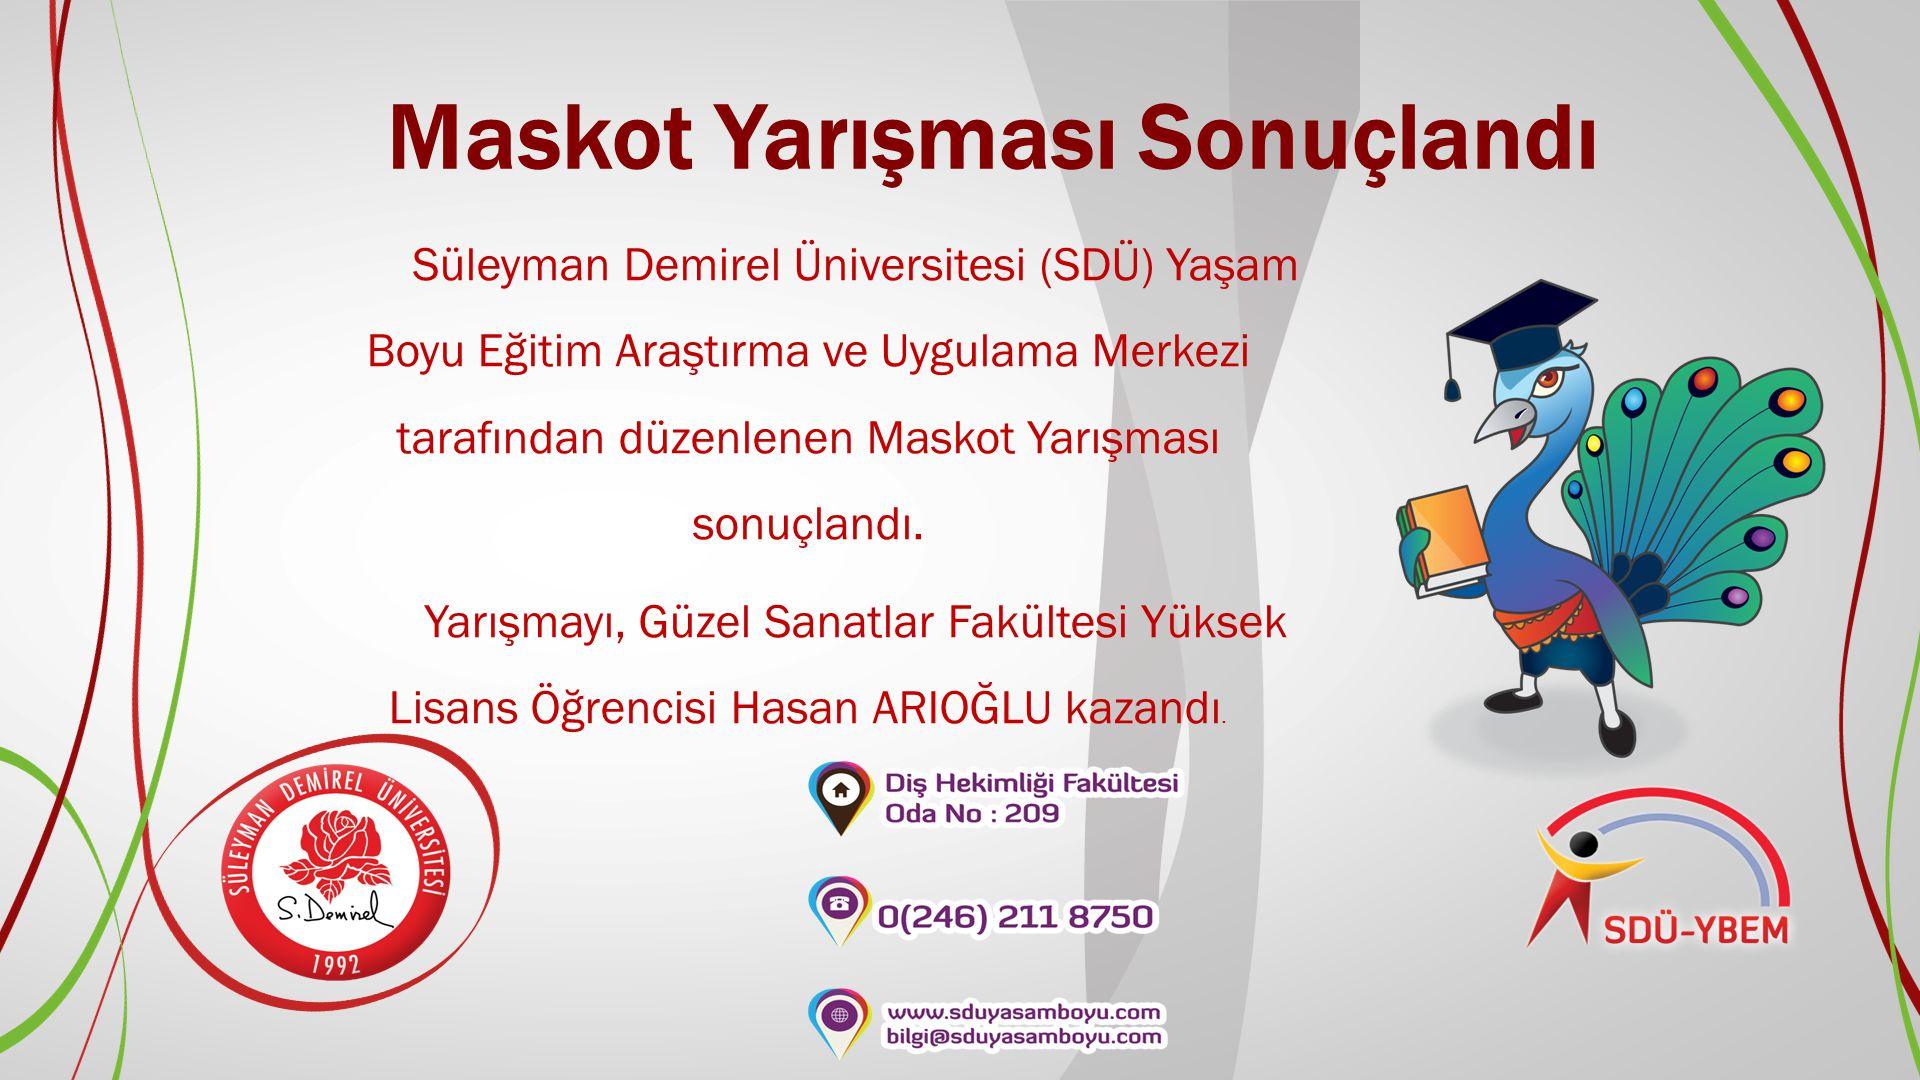 Maskot Yarışması Sonuçlandı Süleyman Demirel Üniversitesi (SDÜ) Yaşam Boyu Eğitim Araştırma ve Uygulama Merkezi tarafından düzenlenen Maskot Yarışması